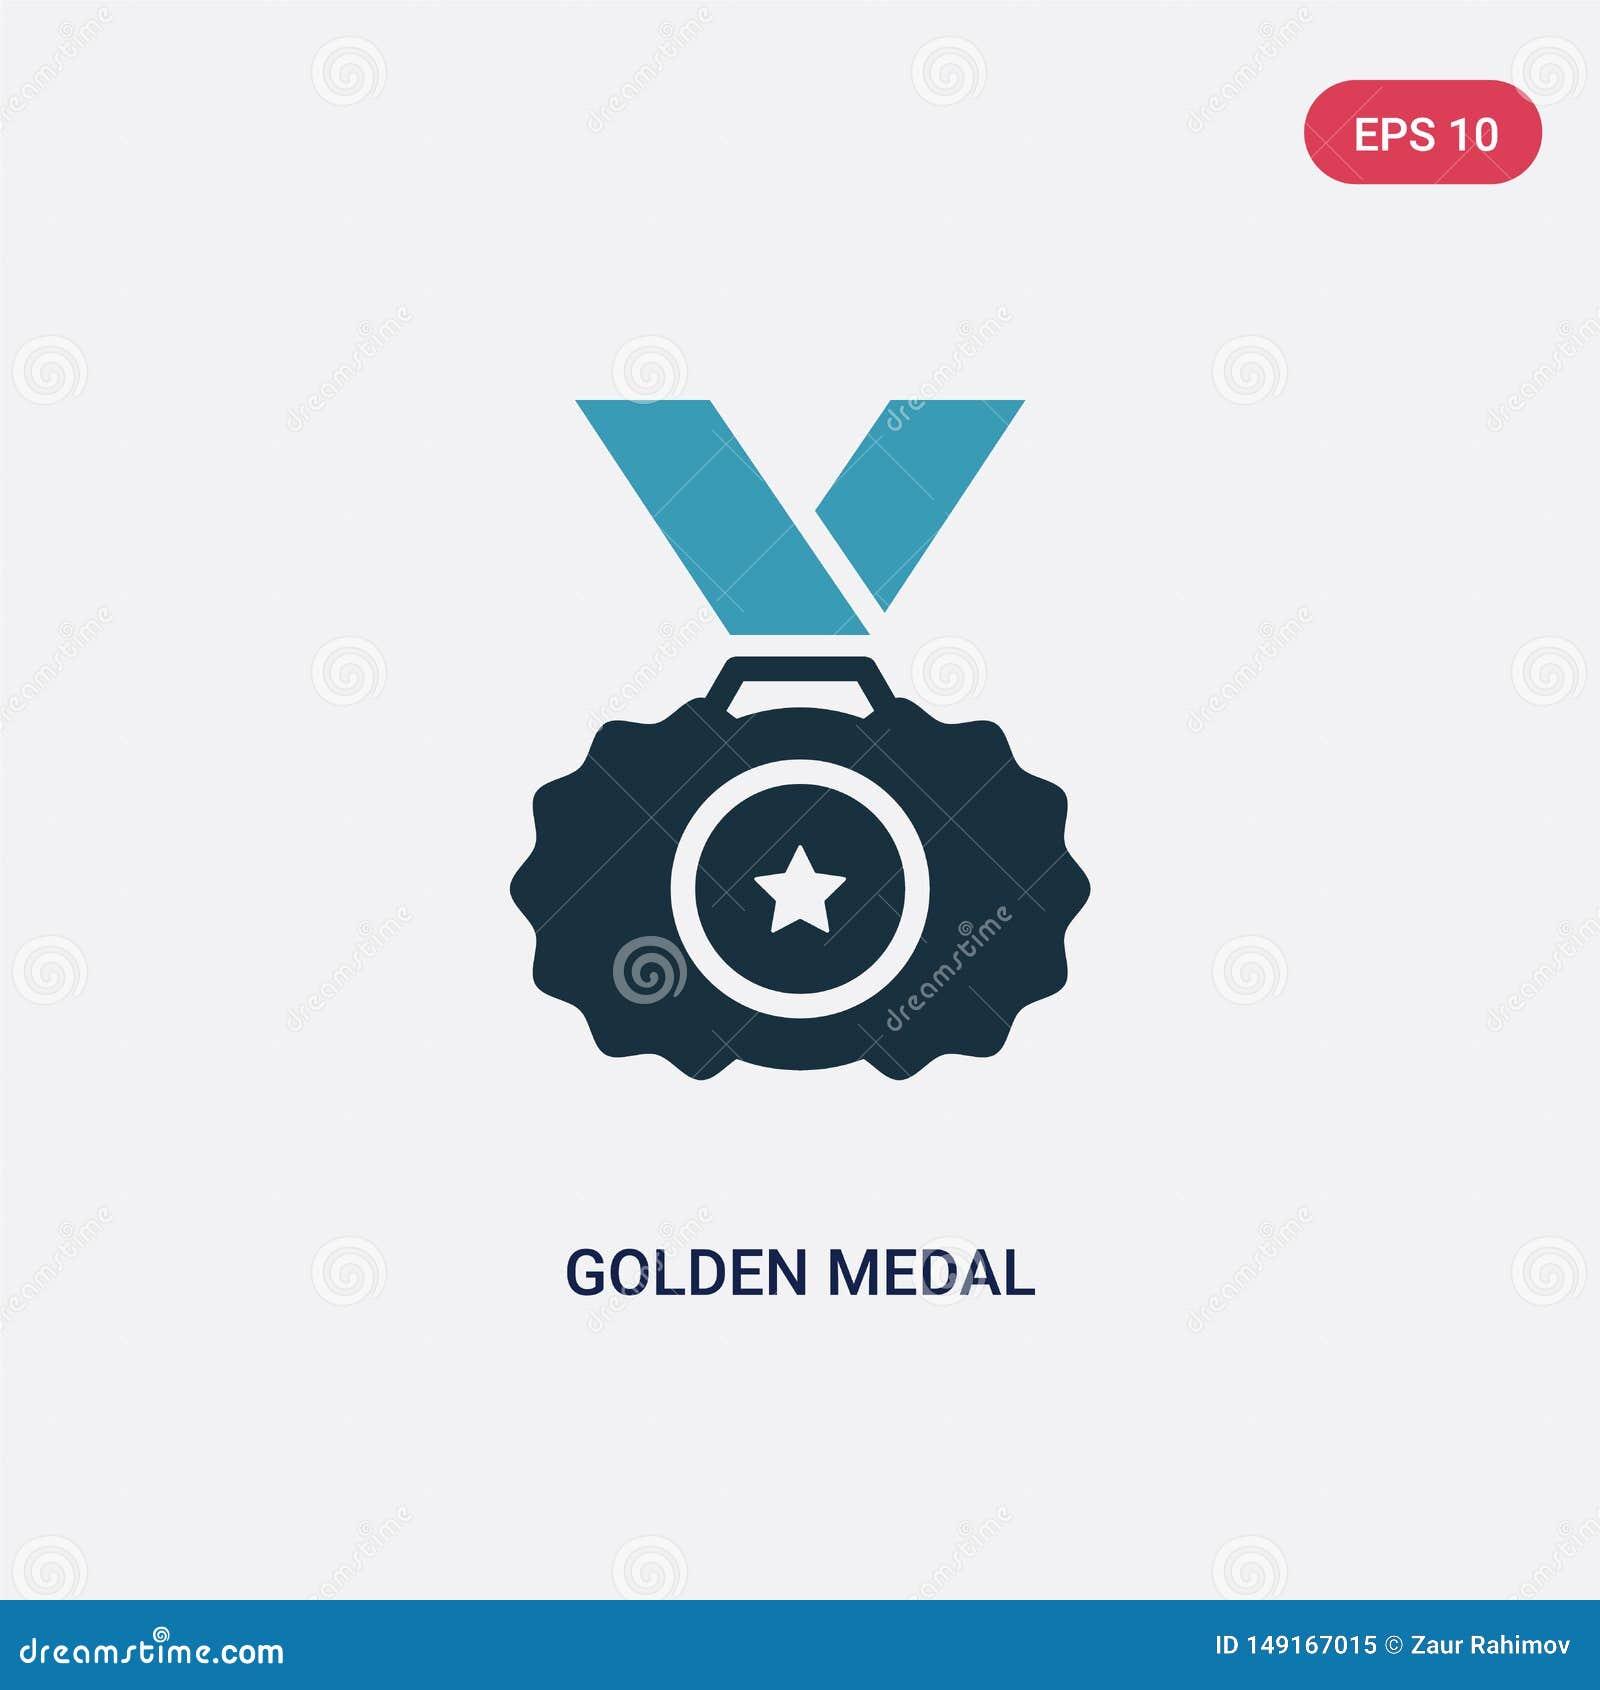 Διανυσματικό εικονίδιο μεταλλίων δύο χρώματος χρυσό από την αθλητική έννοια το απομονωμένο μπλε χρυσό σύμβολο σημαδιών μεταλλίων